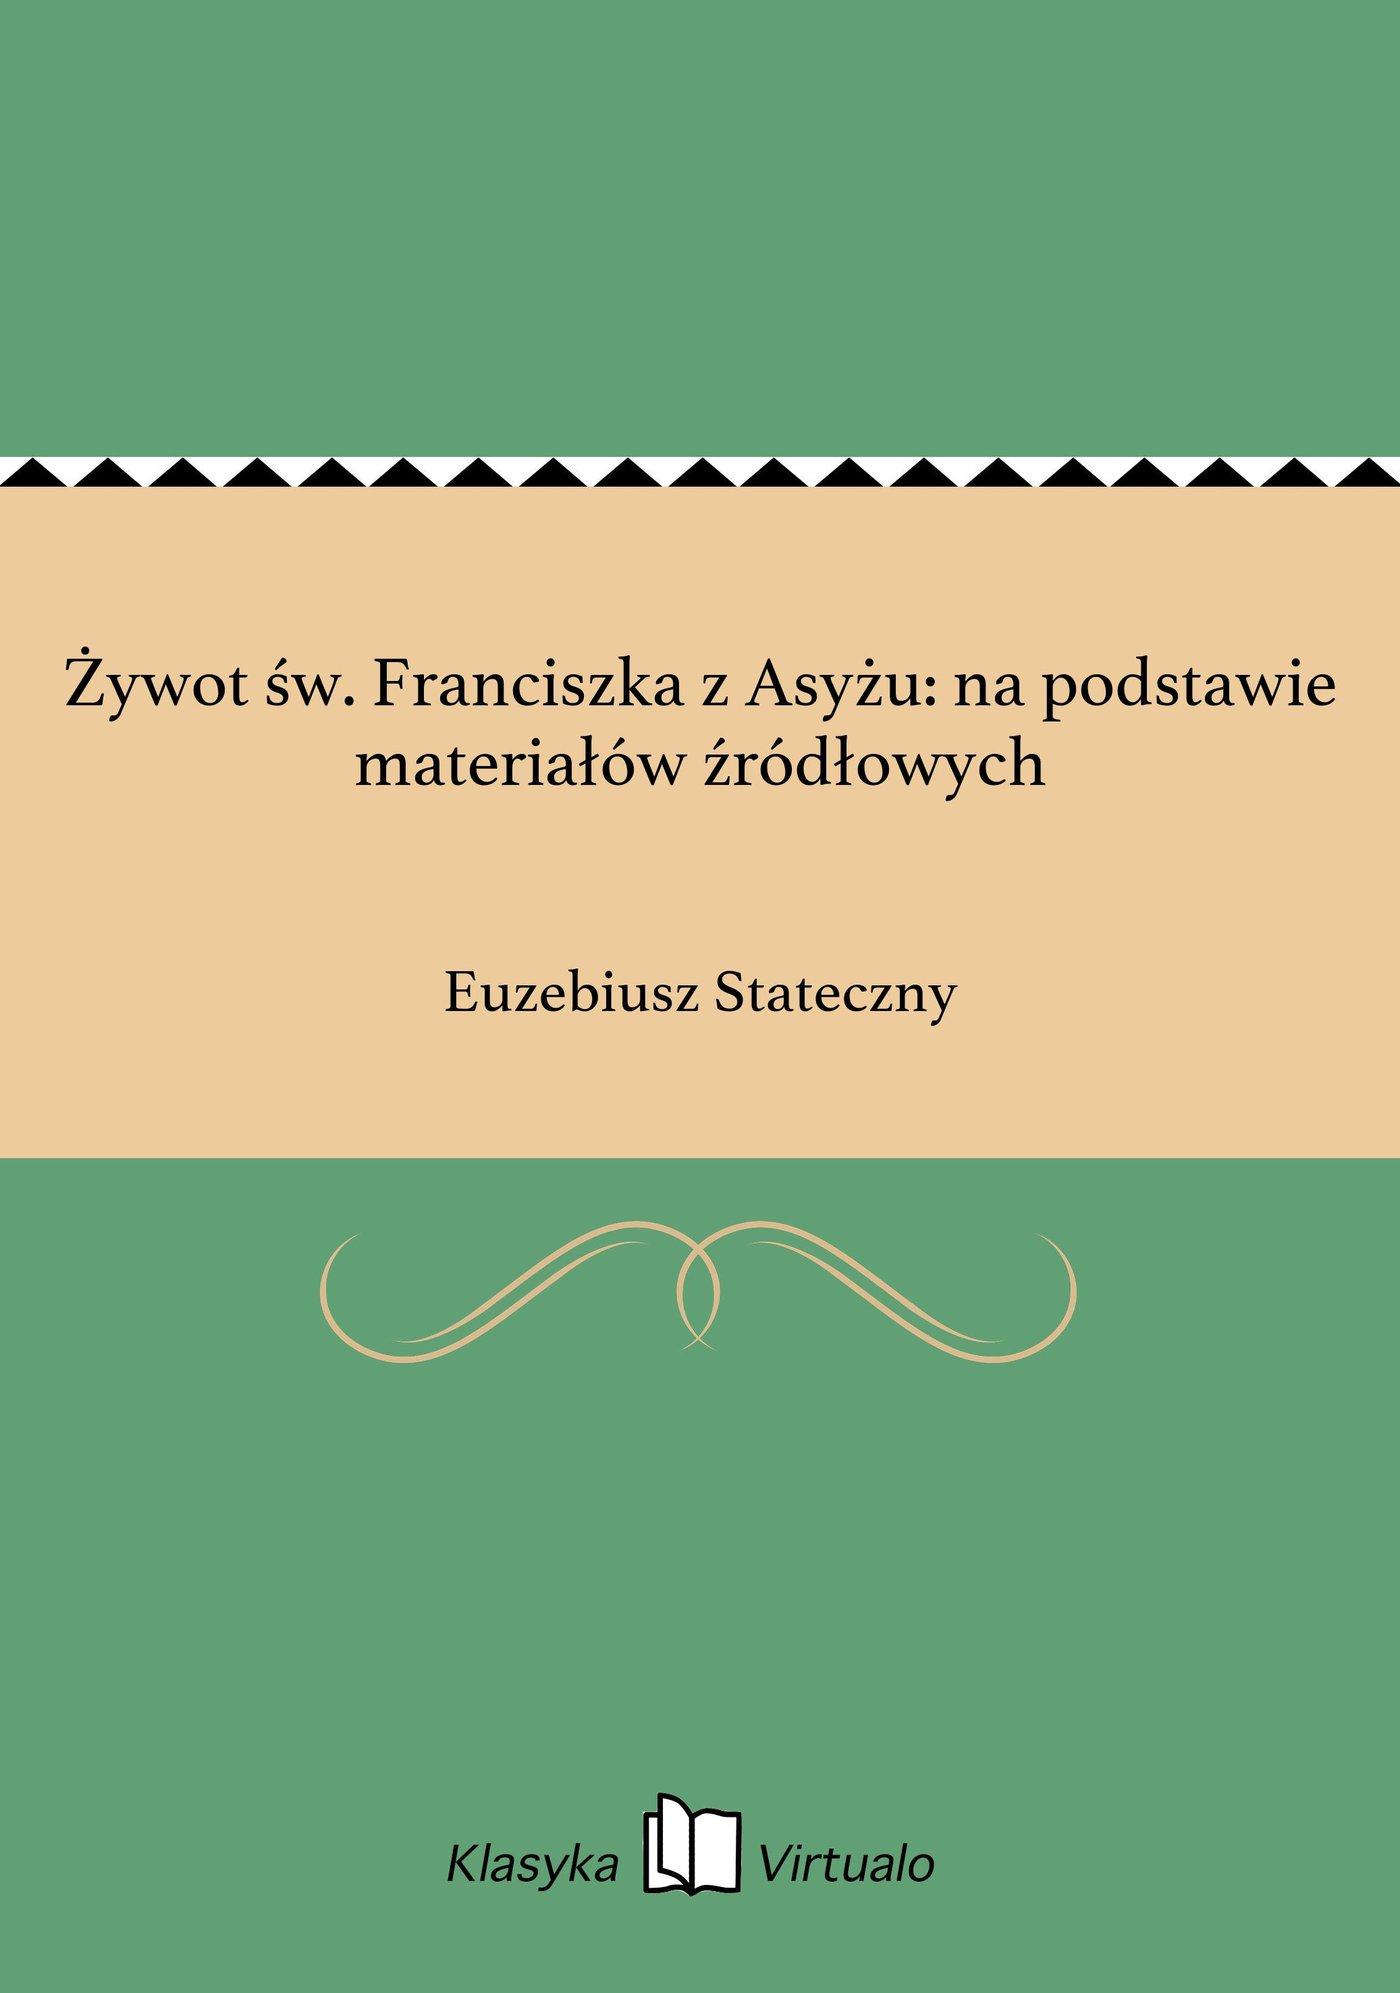 Żywot św. Franciszka z Asyżu: na podstawie materiałów źródłowych - Ebook (Książka EPUB) do pobrania w formacie EPUB